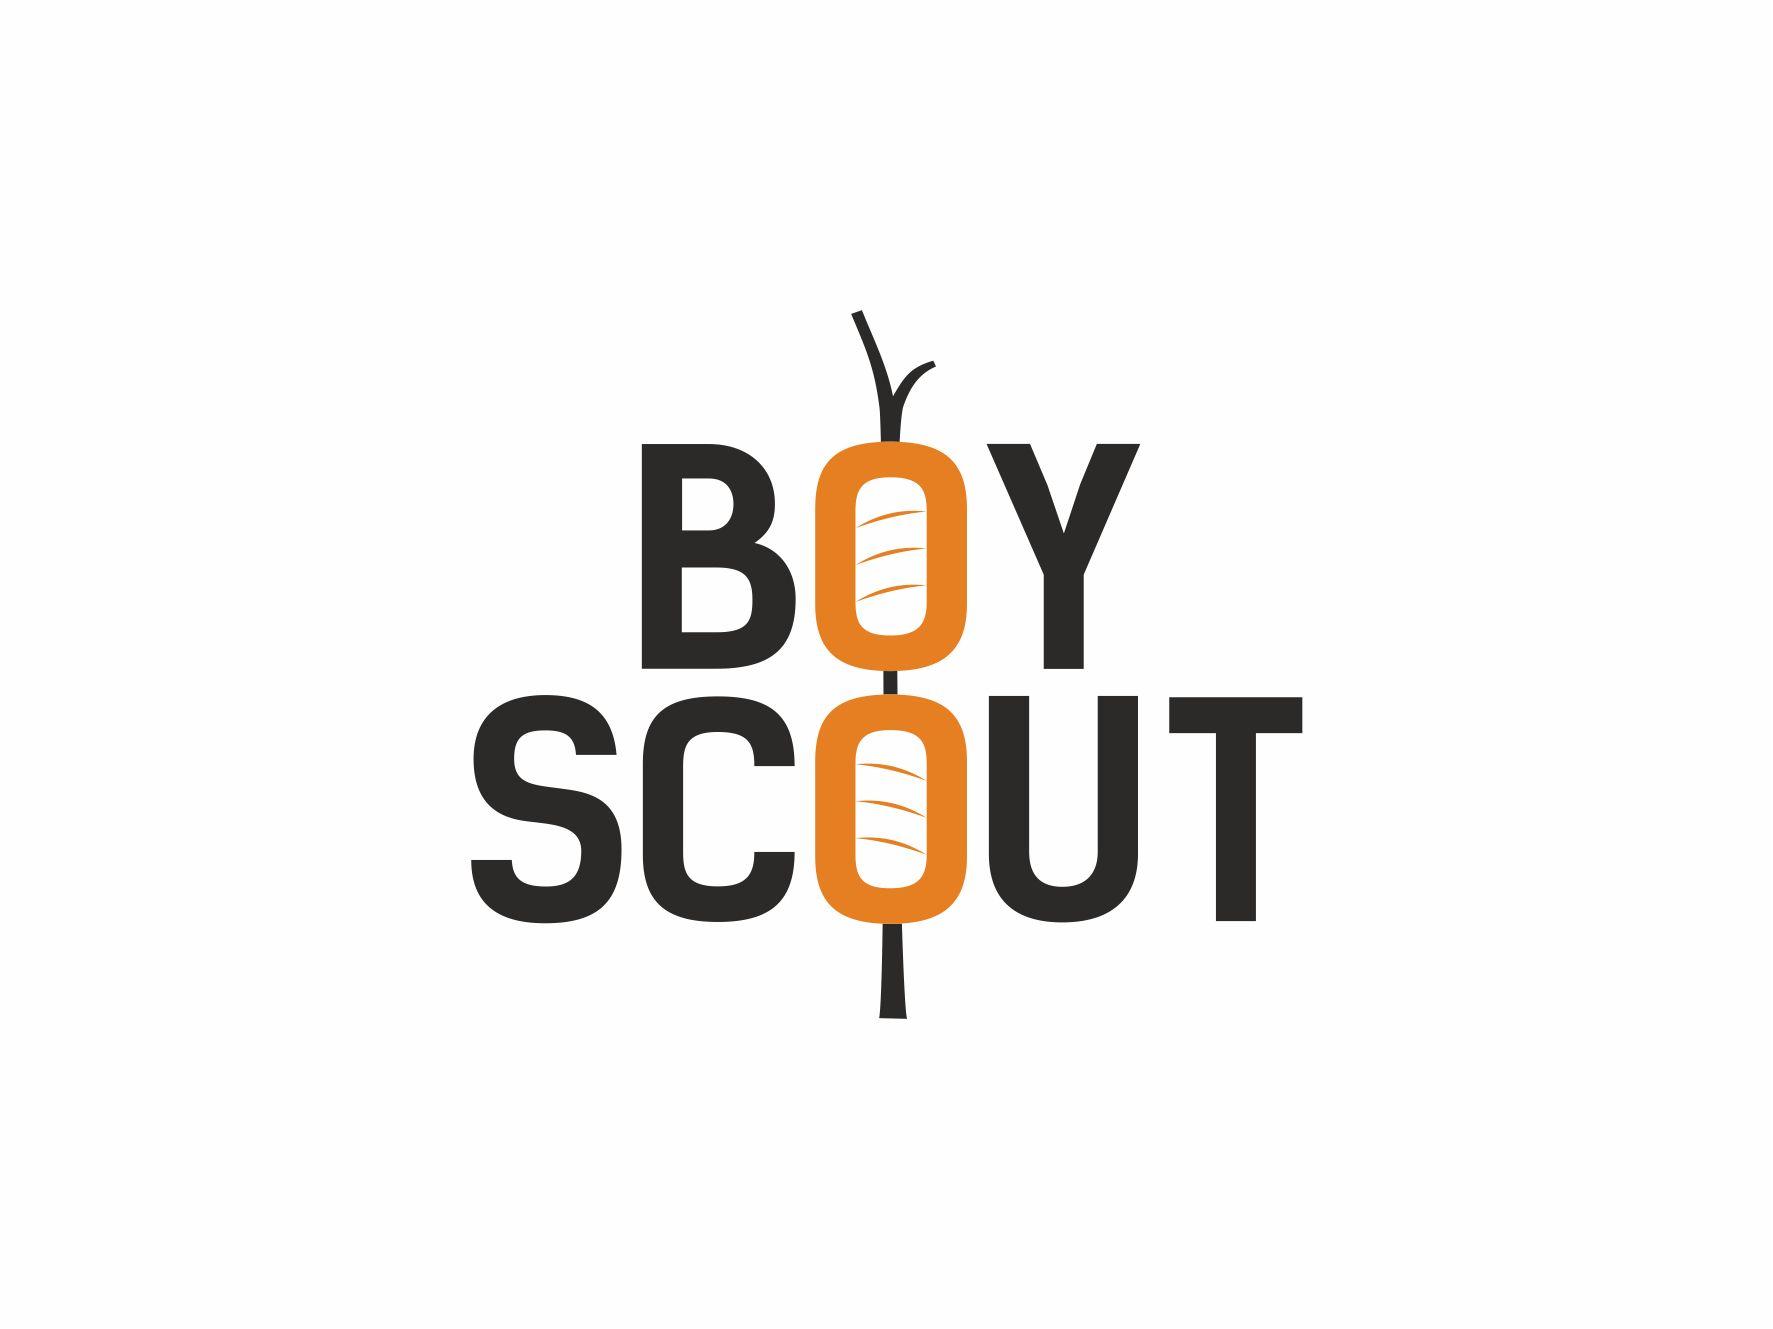 Логотип для сайта интернет-магазина BOY SCOUT - дизайнер VictorBazine